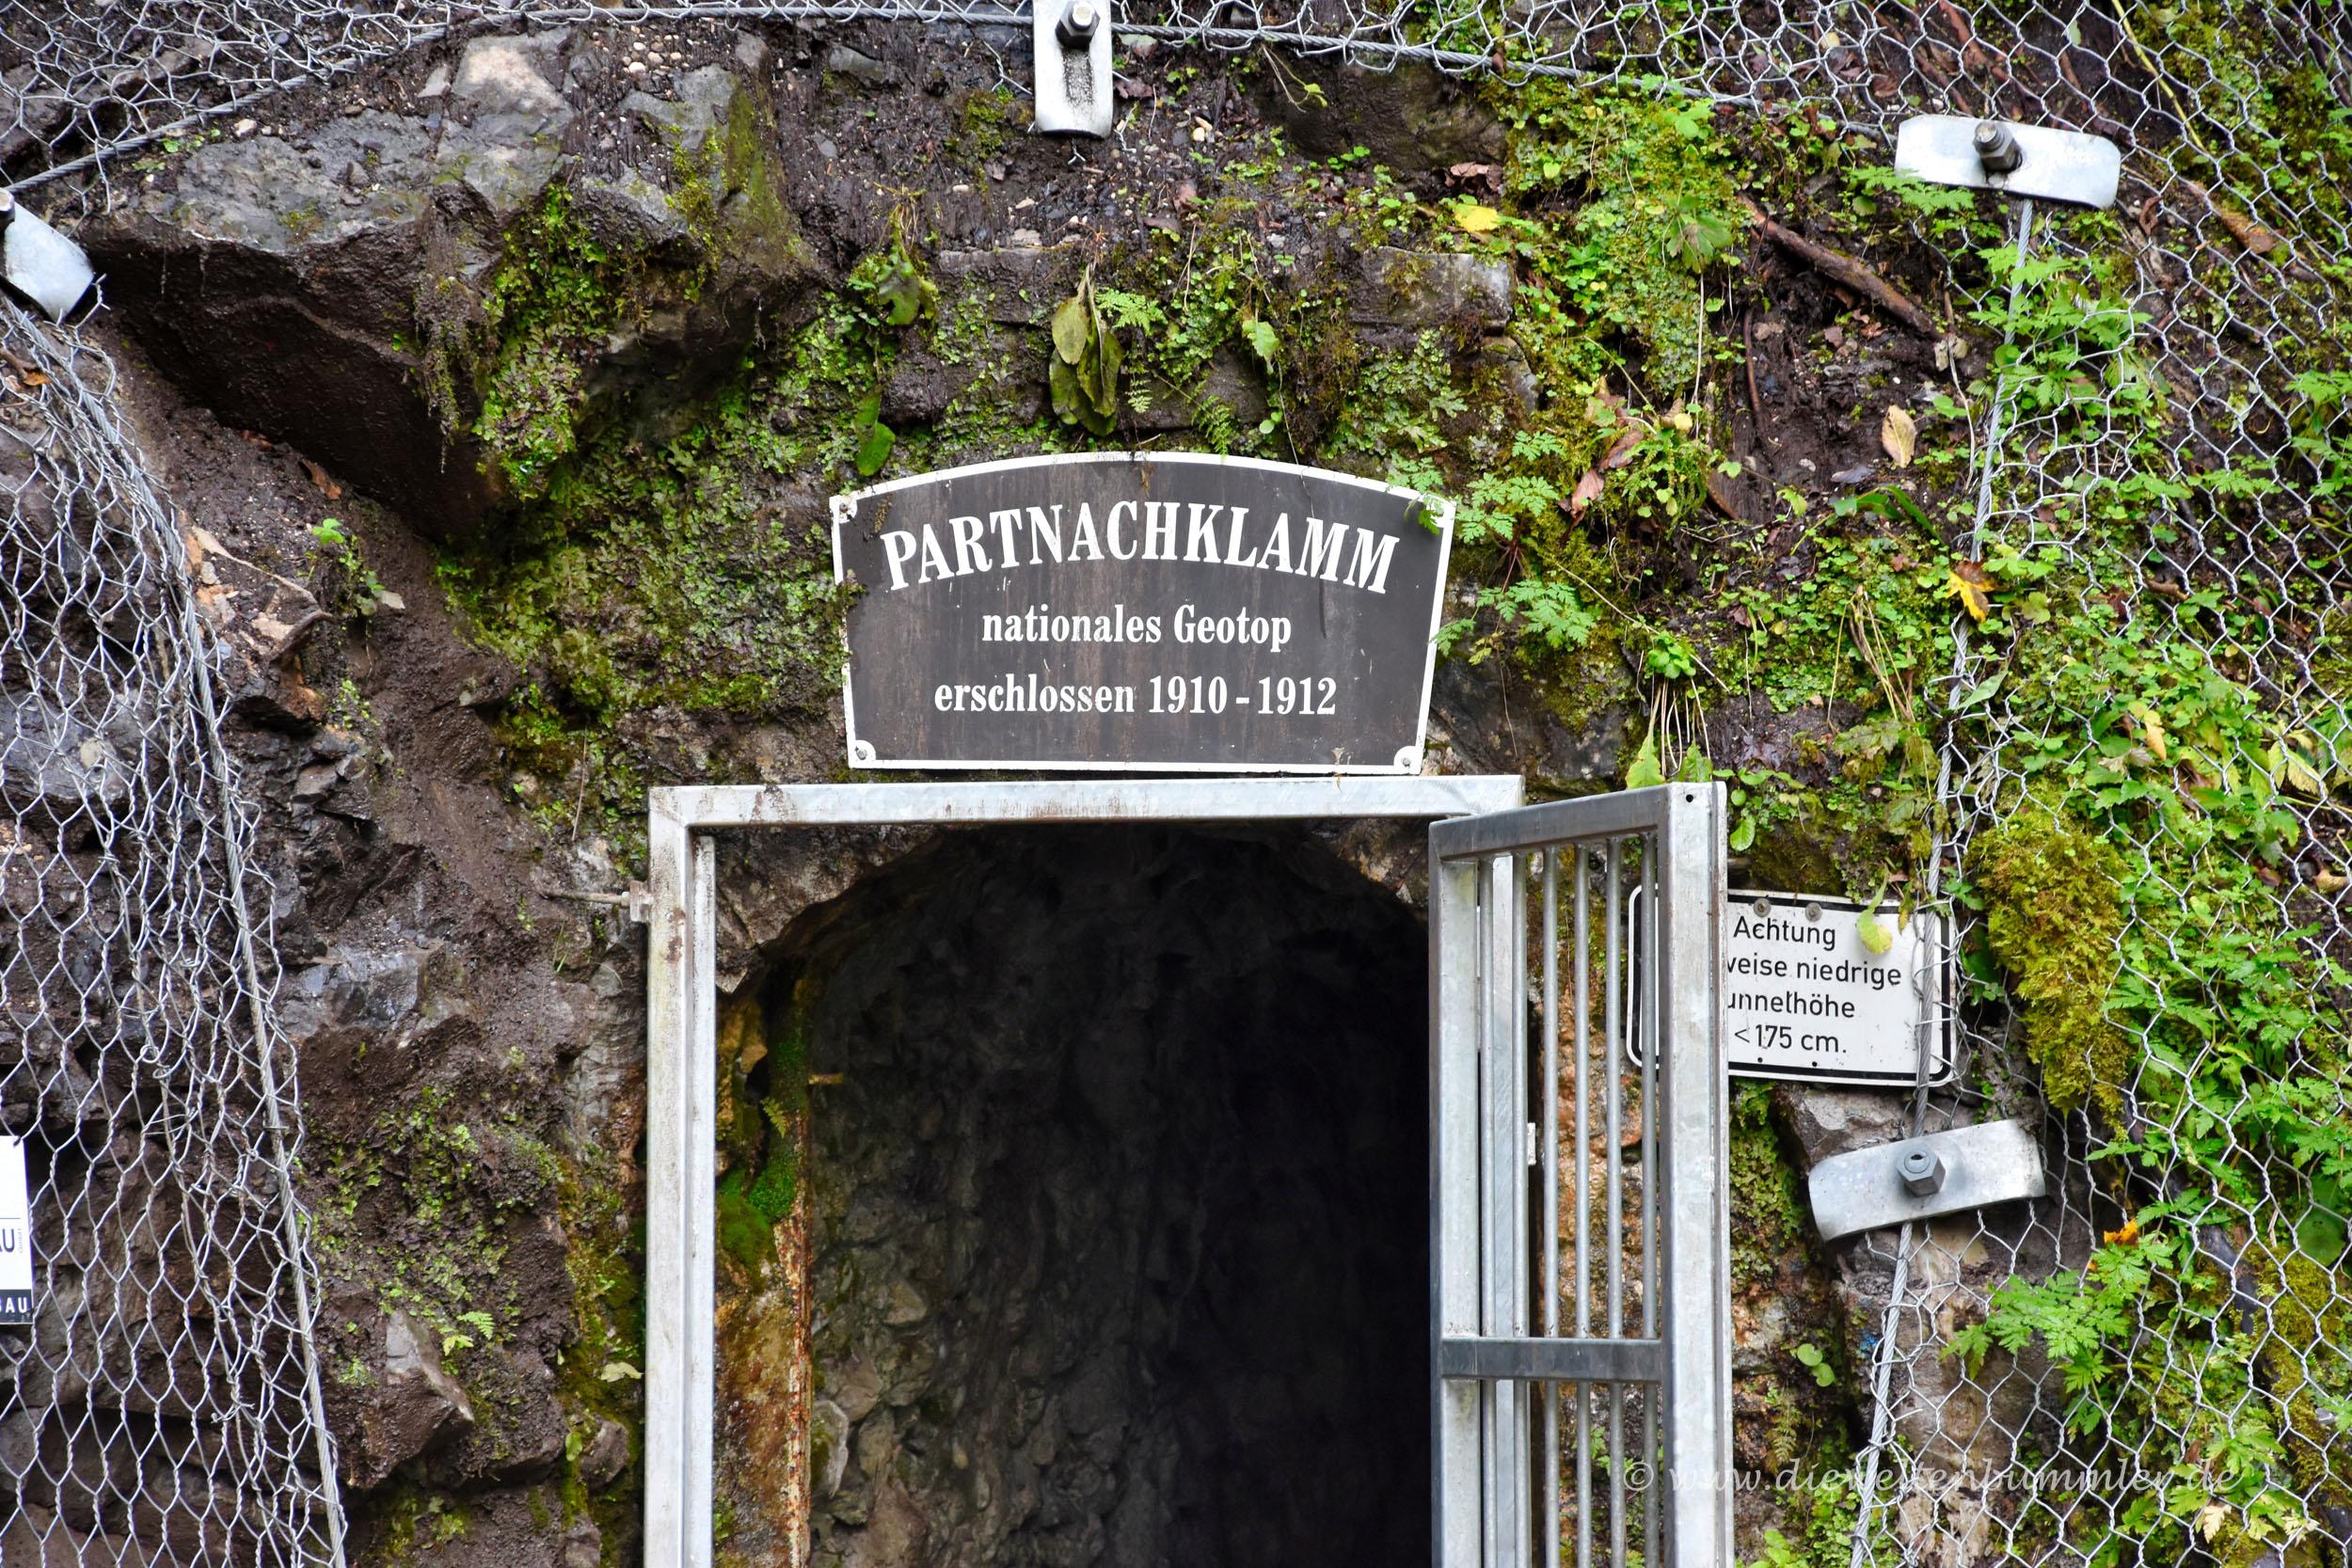 Eingang zur Klamm